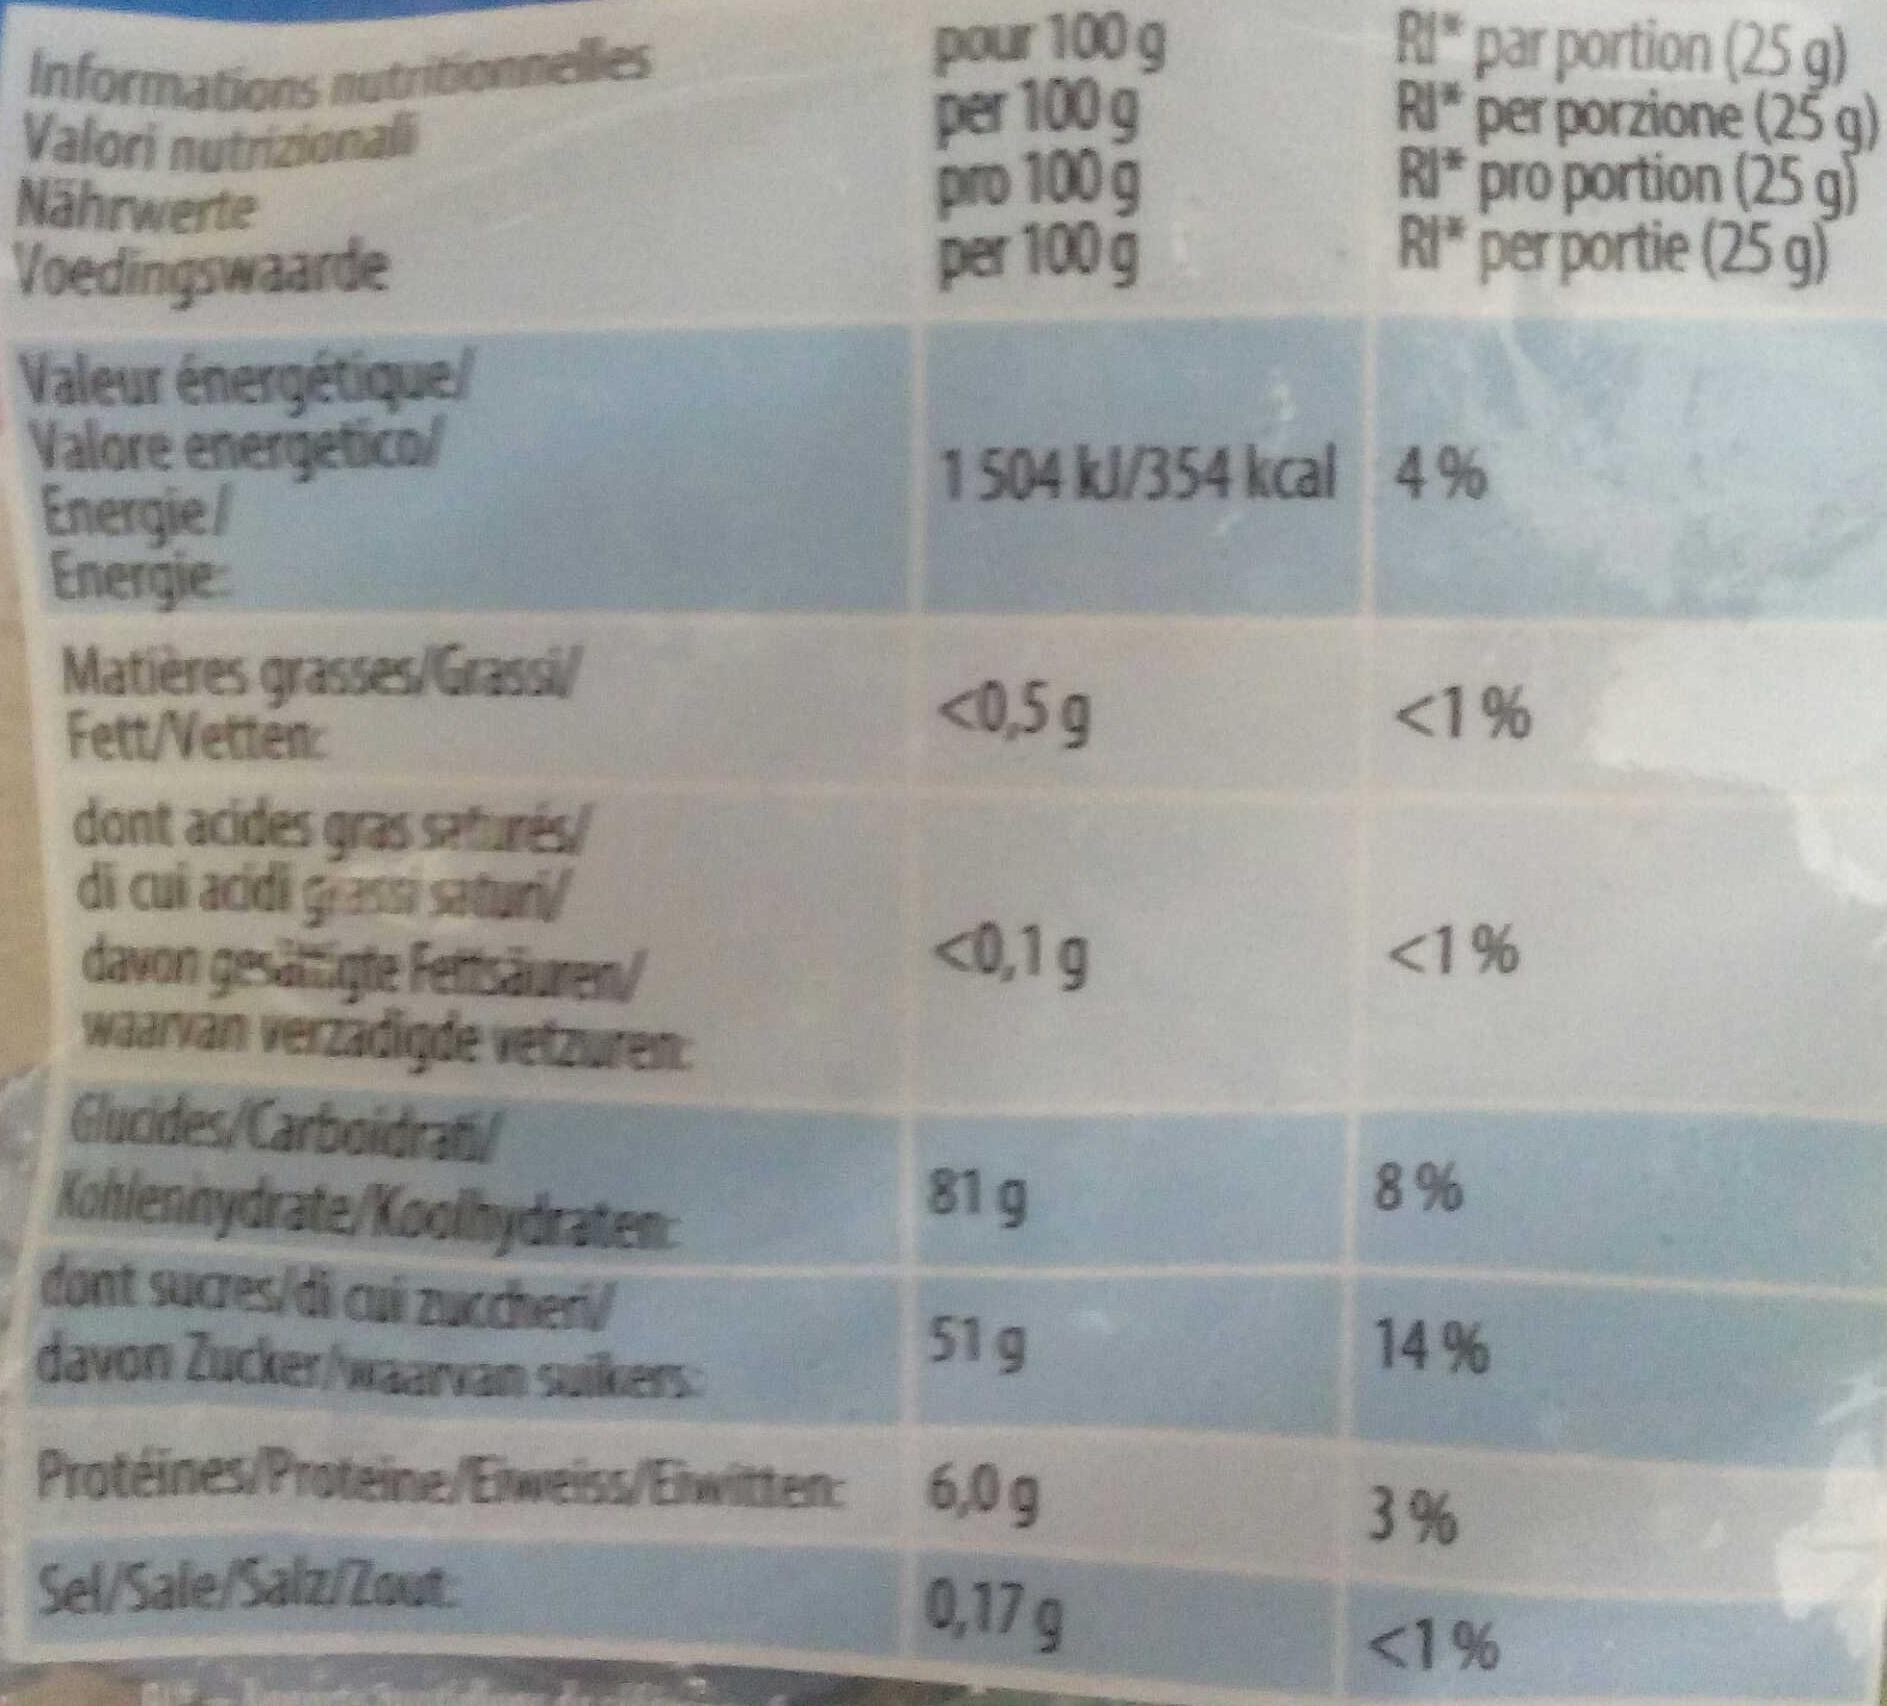 Les schtroumpfs P!K - Informations nutritionnelles